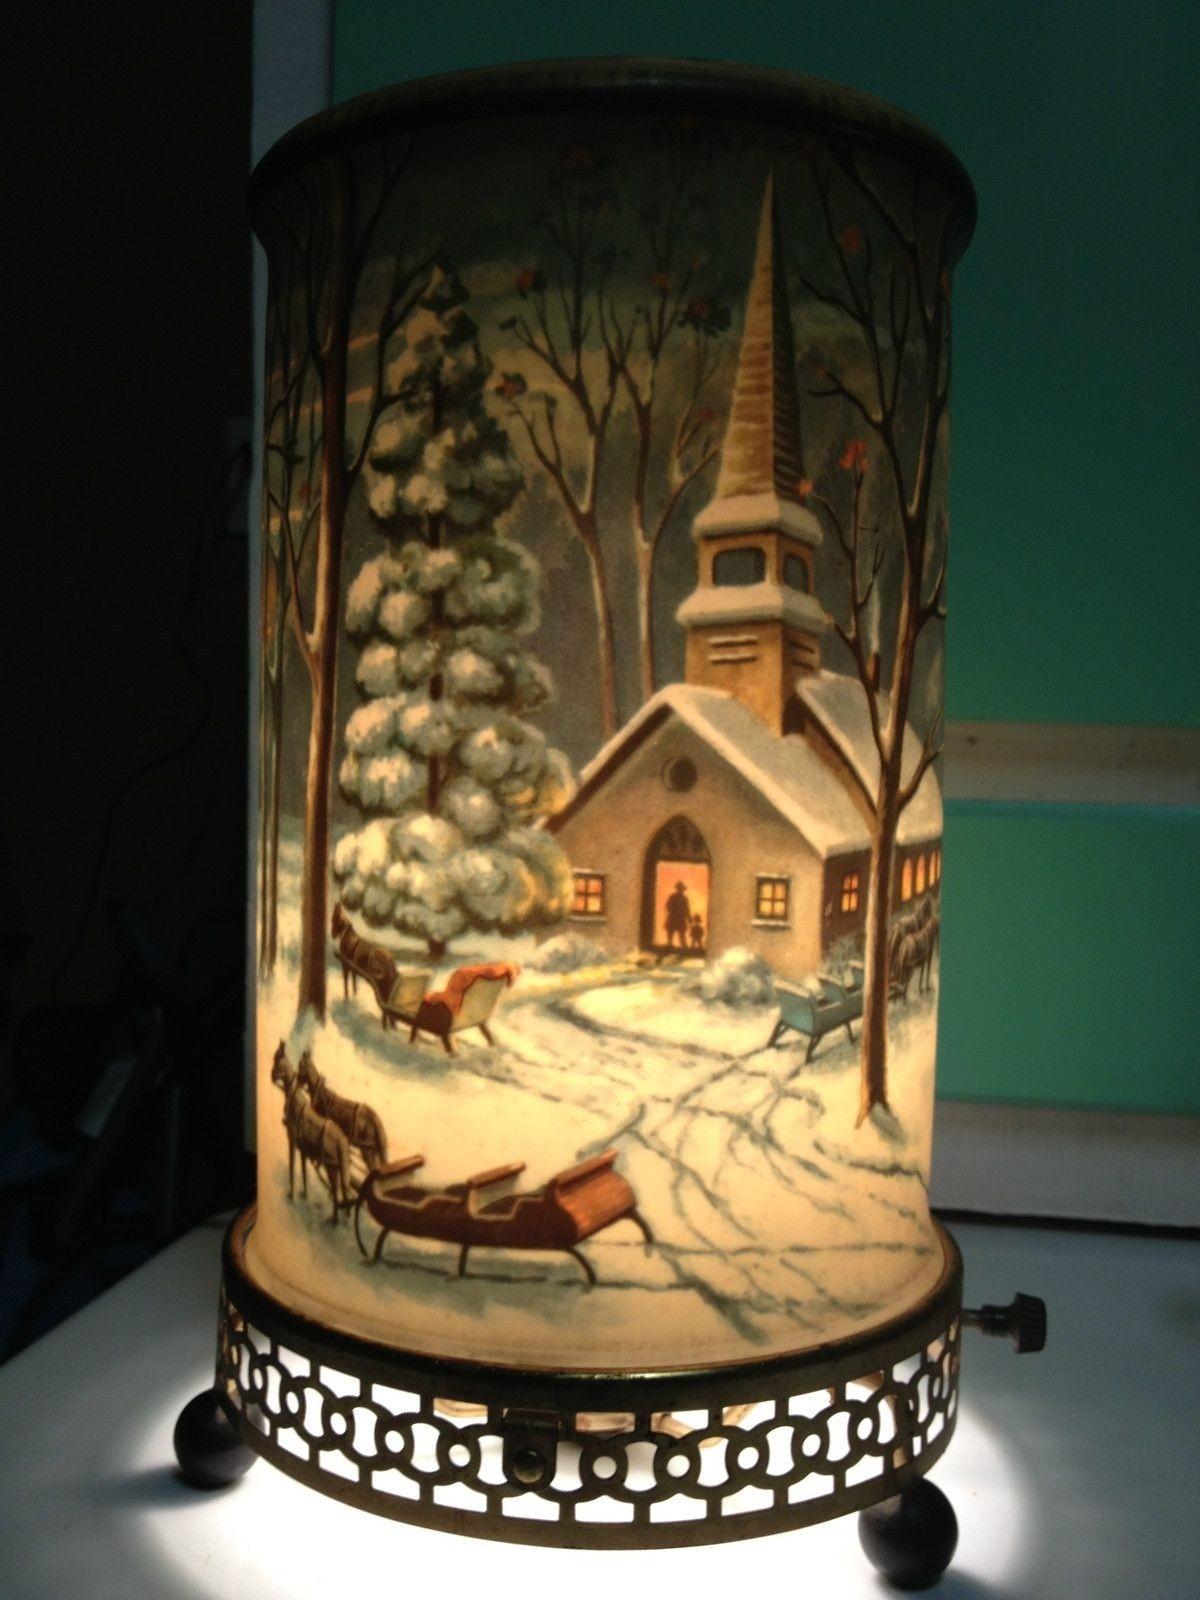 Econolite  Motion Lamp Night Rider Cowboy western Desk lamp Rockabilly Vintage Bedroom Enchanted Lantern LA California